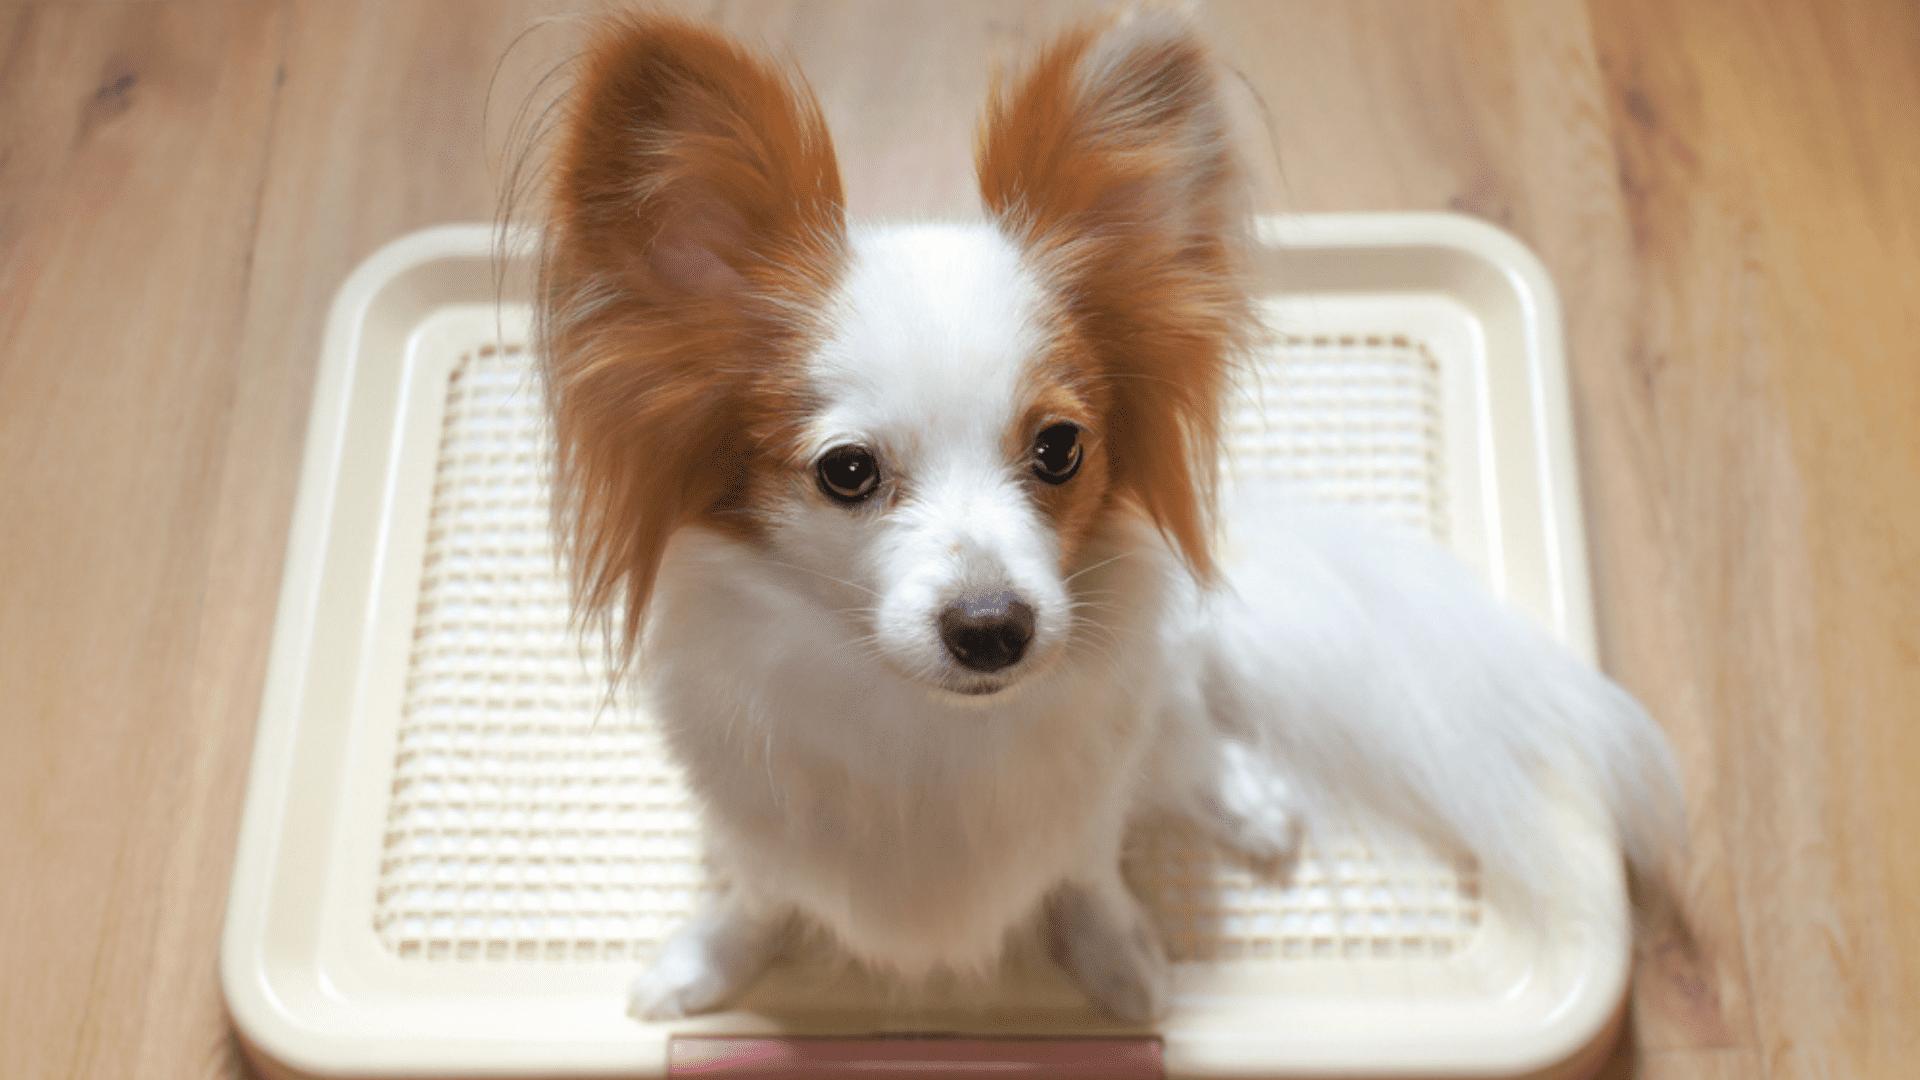 O tapete higiênico pode ser encontrado no mercado em dois modelos básicos: lavável ou descartável (Reprodução/Shutterstock)